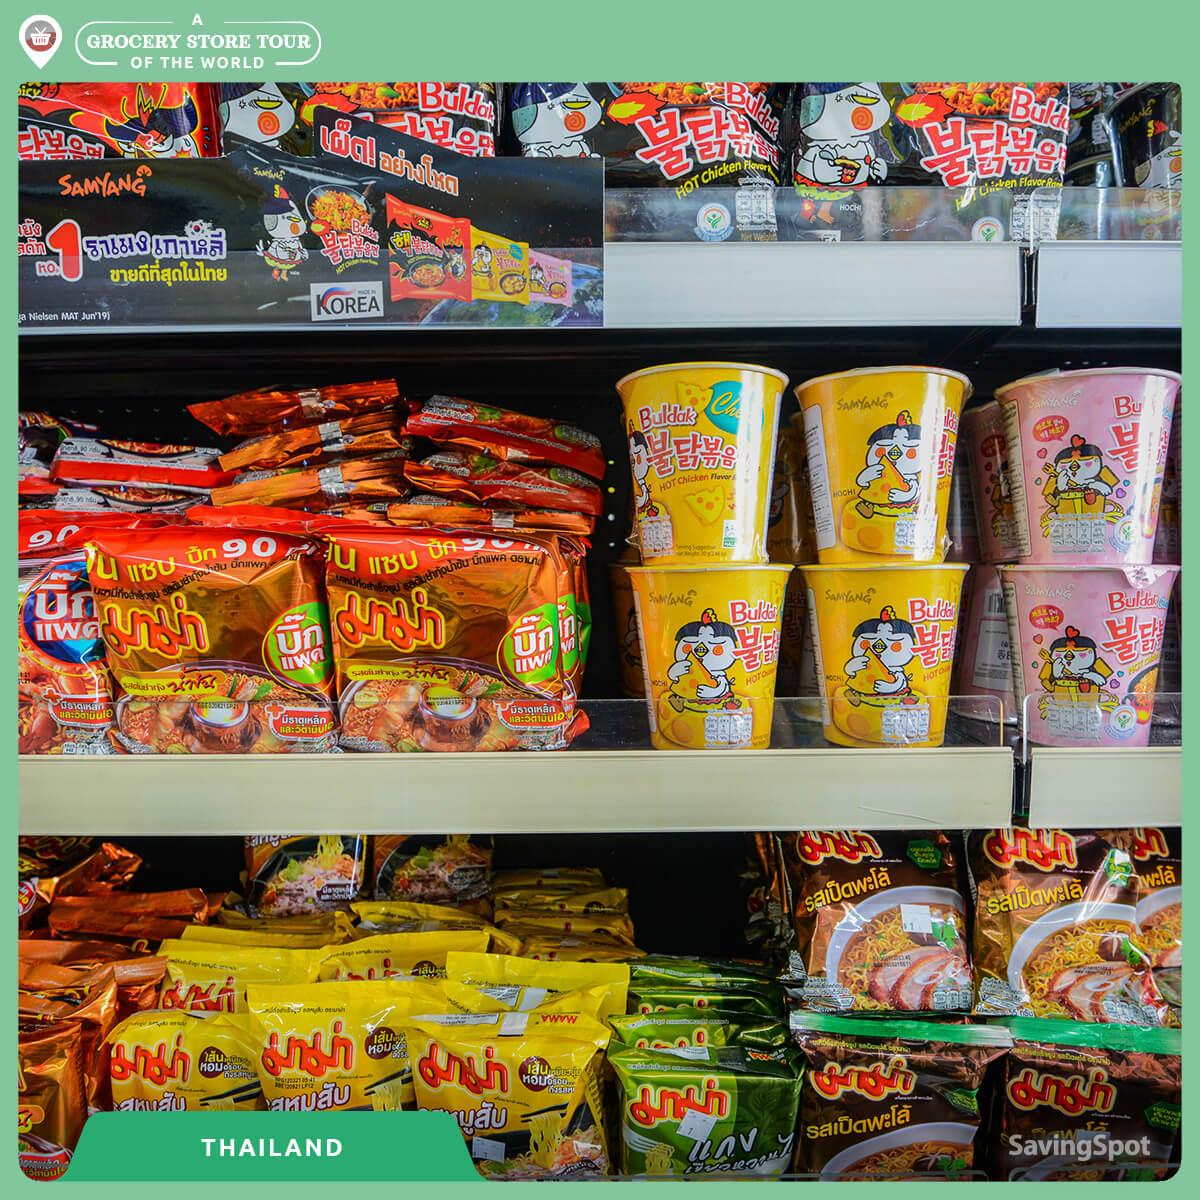 Η μεγάλη ποικιλία noodles στην Ταϊλάνδη. Φωτογραφία: SavingSpot